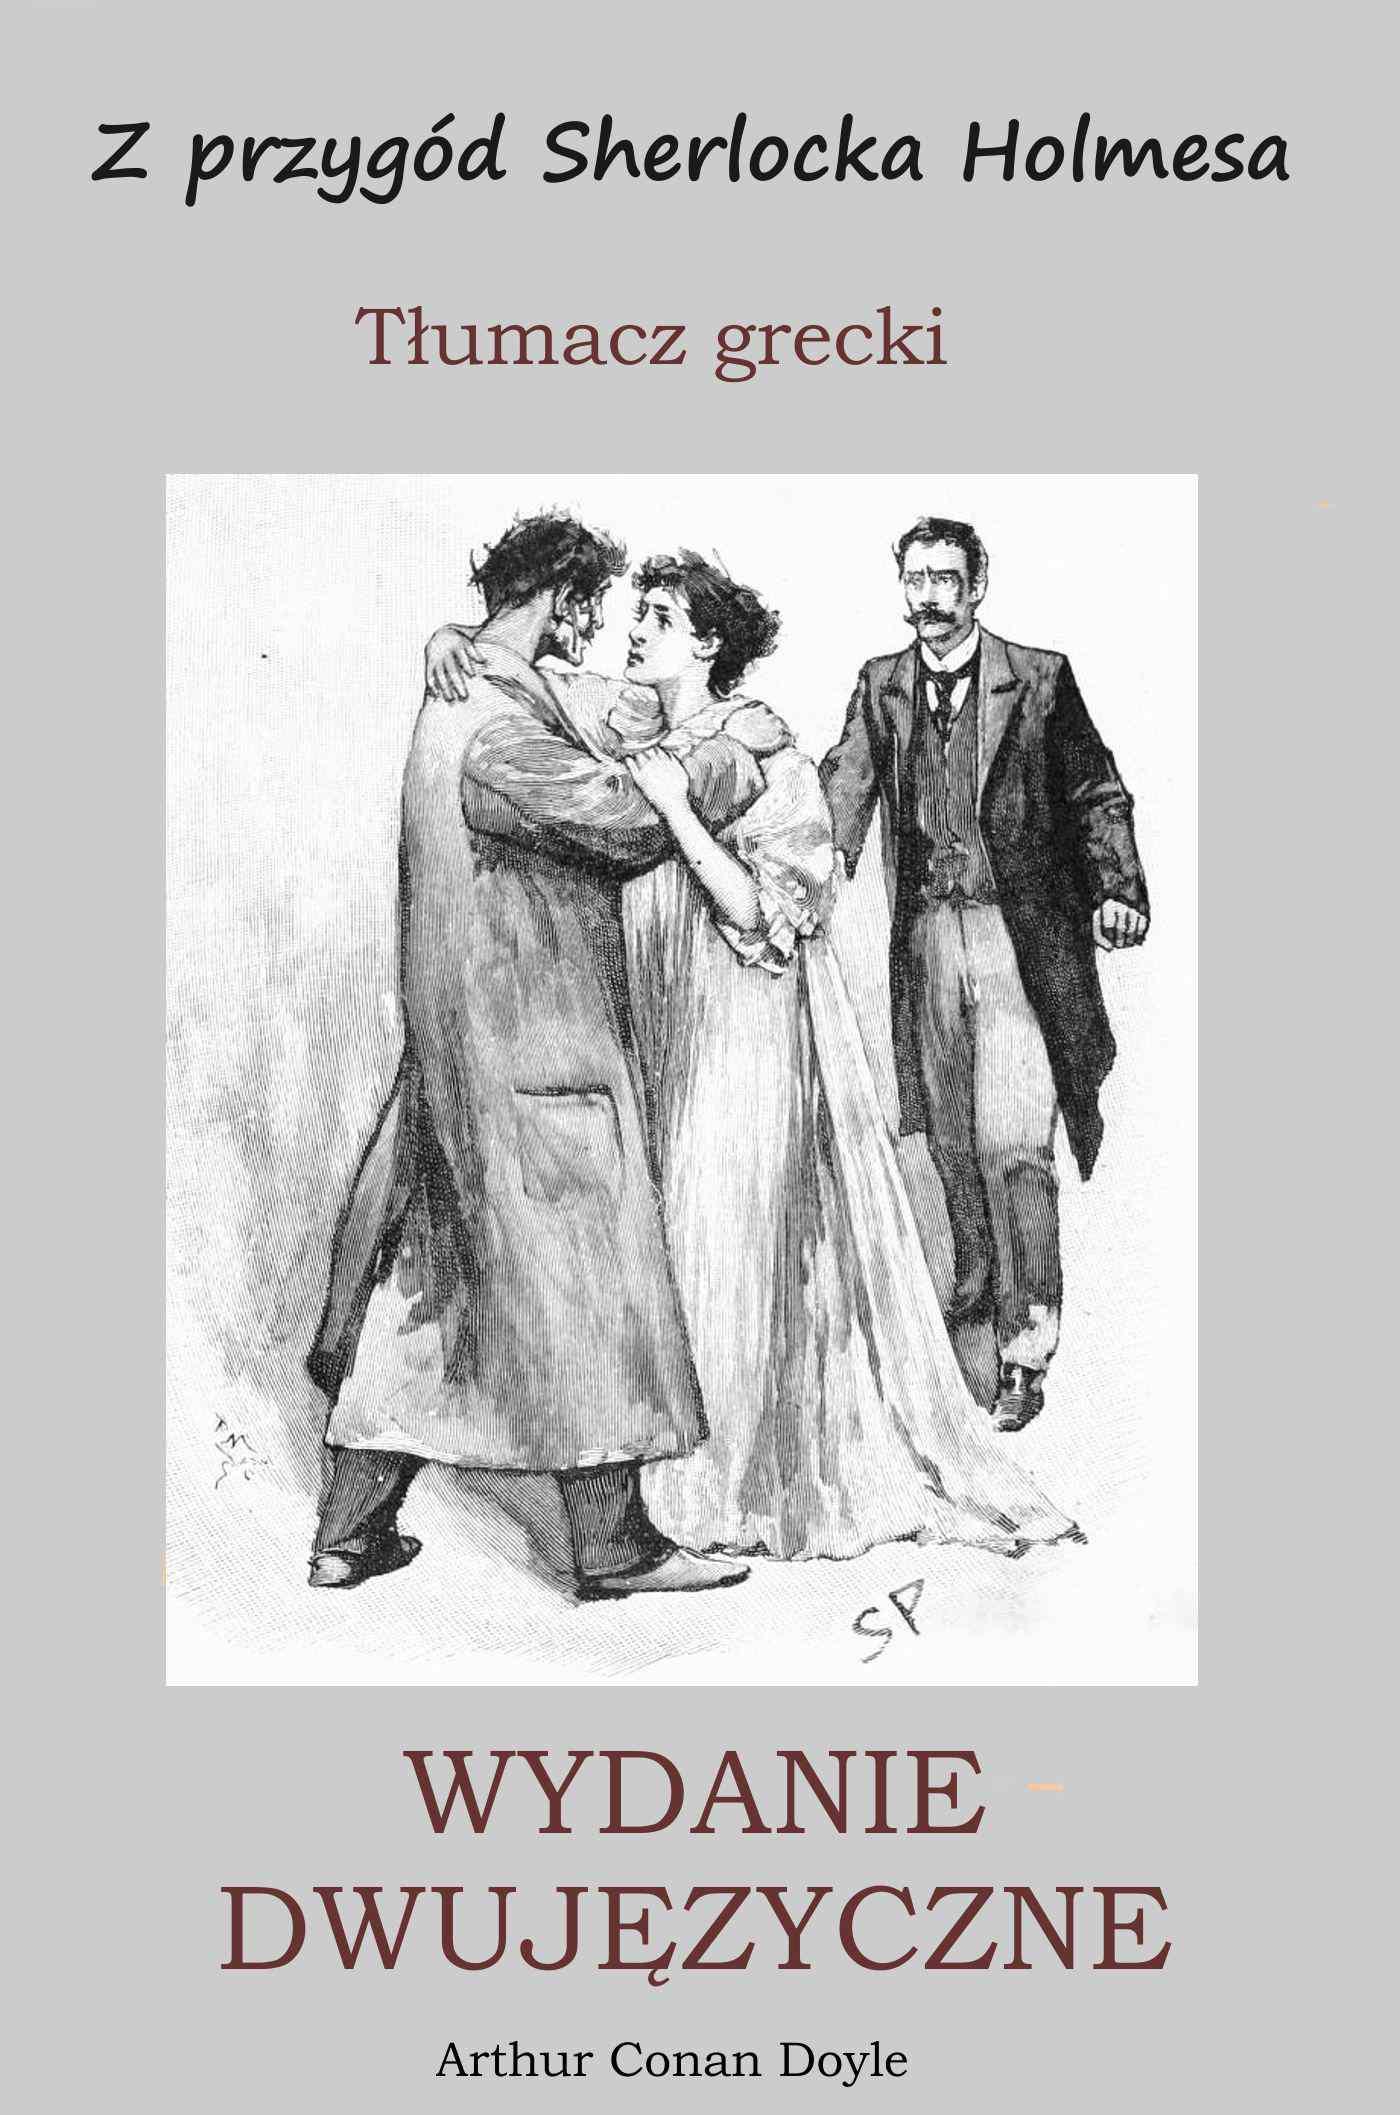 Z przygód Sherlocka Holmesa. Tłumacz grecki. Wydanie dwujęzyczne - Ebook (Książka PDF) do pobrania w formacie PDF